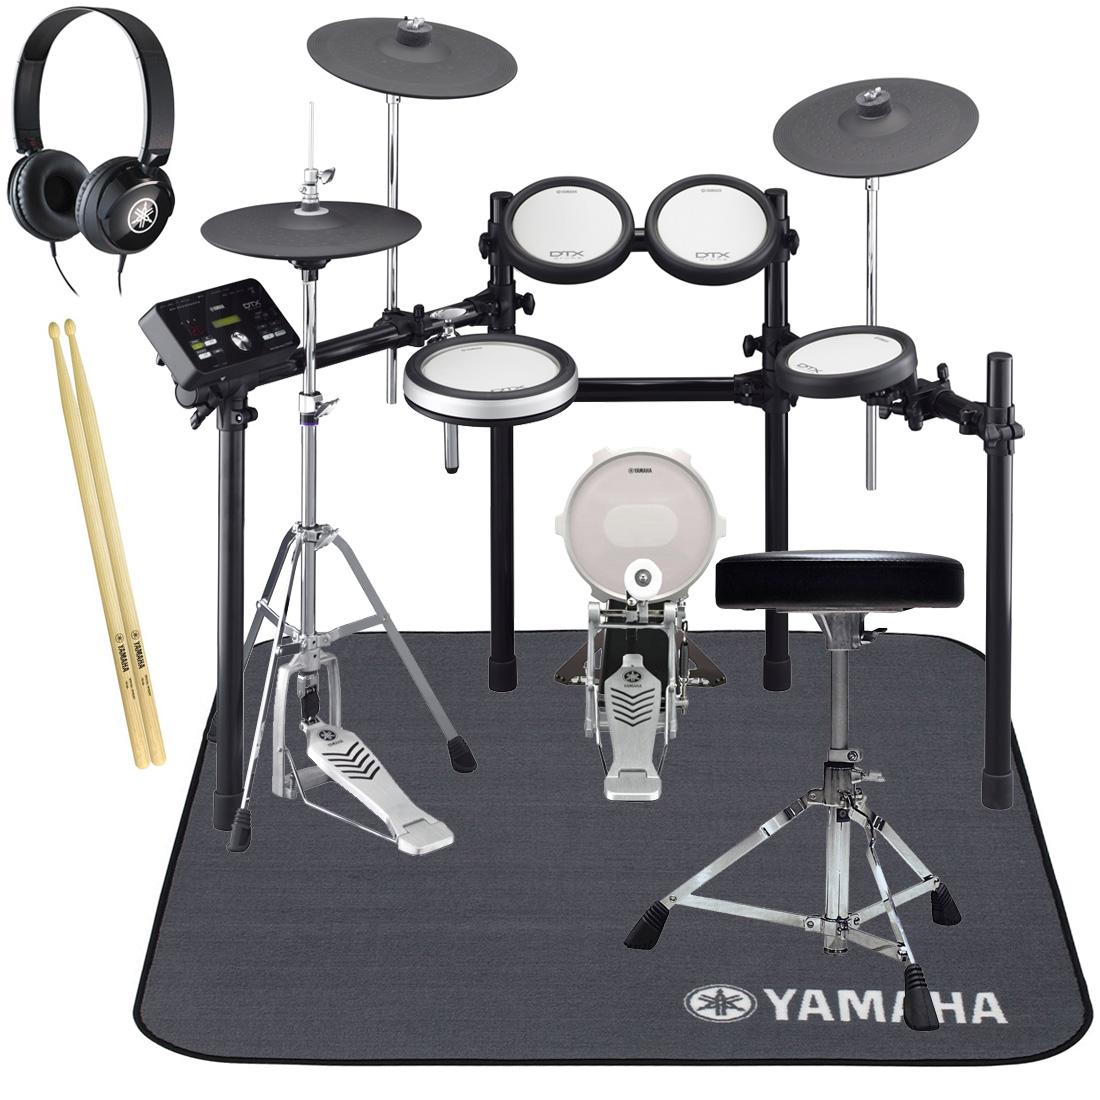 YAMAHA 電子ドラム DTX582KFS オールヤマハ 純正スターターパック/ドラムマットセット【YRK】